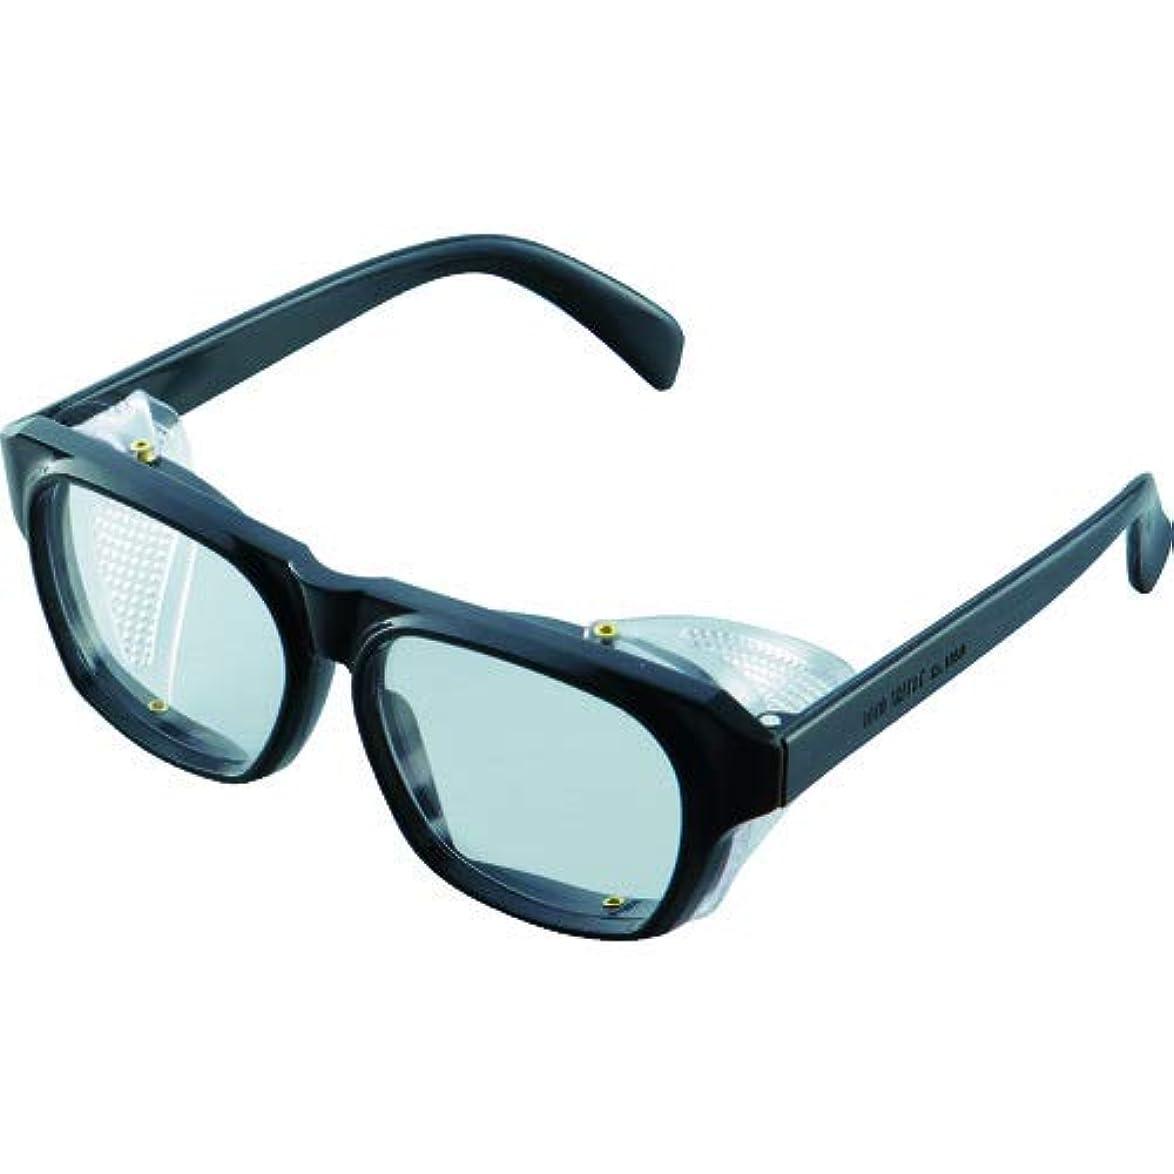 所持エステート忠実にTOYO 老眼用レンズ付き防じんメガネ +1.0 No.1352